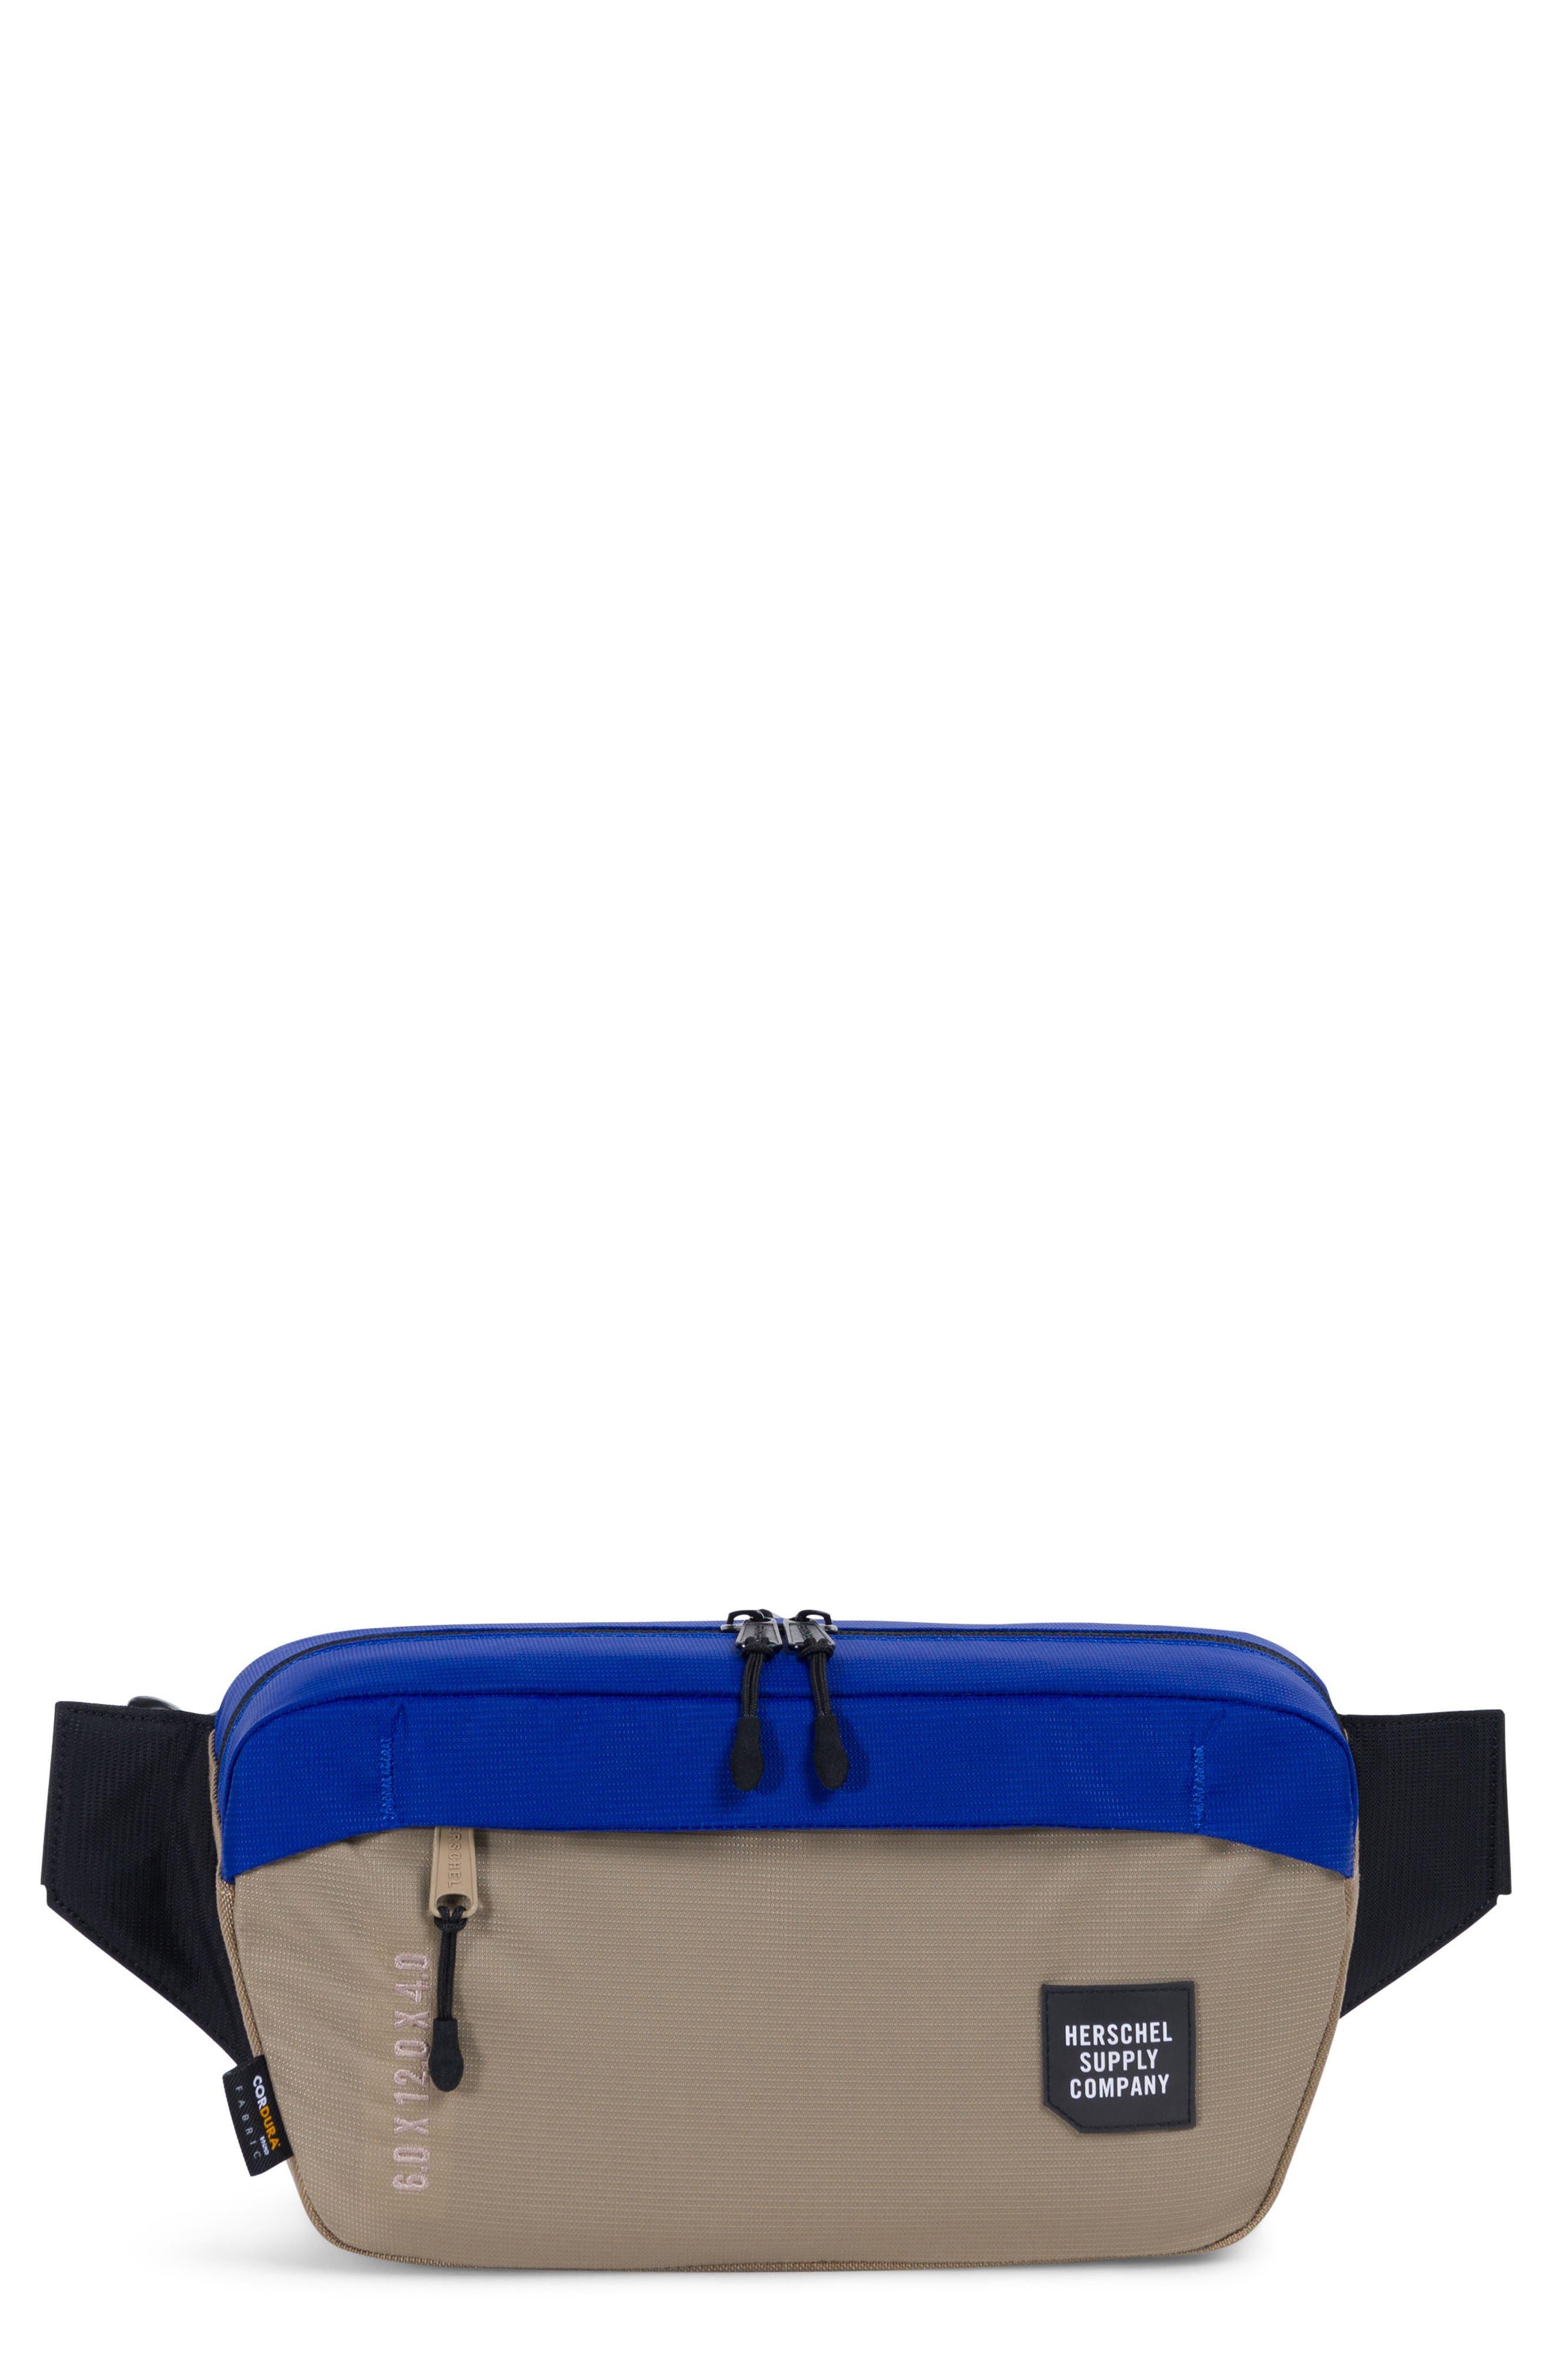 Alternate Image 1 Selected - Herschel Supply Co. Tour Trail Belt Bag